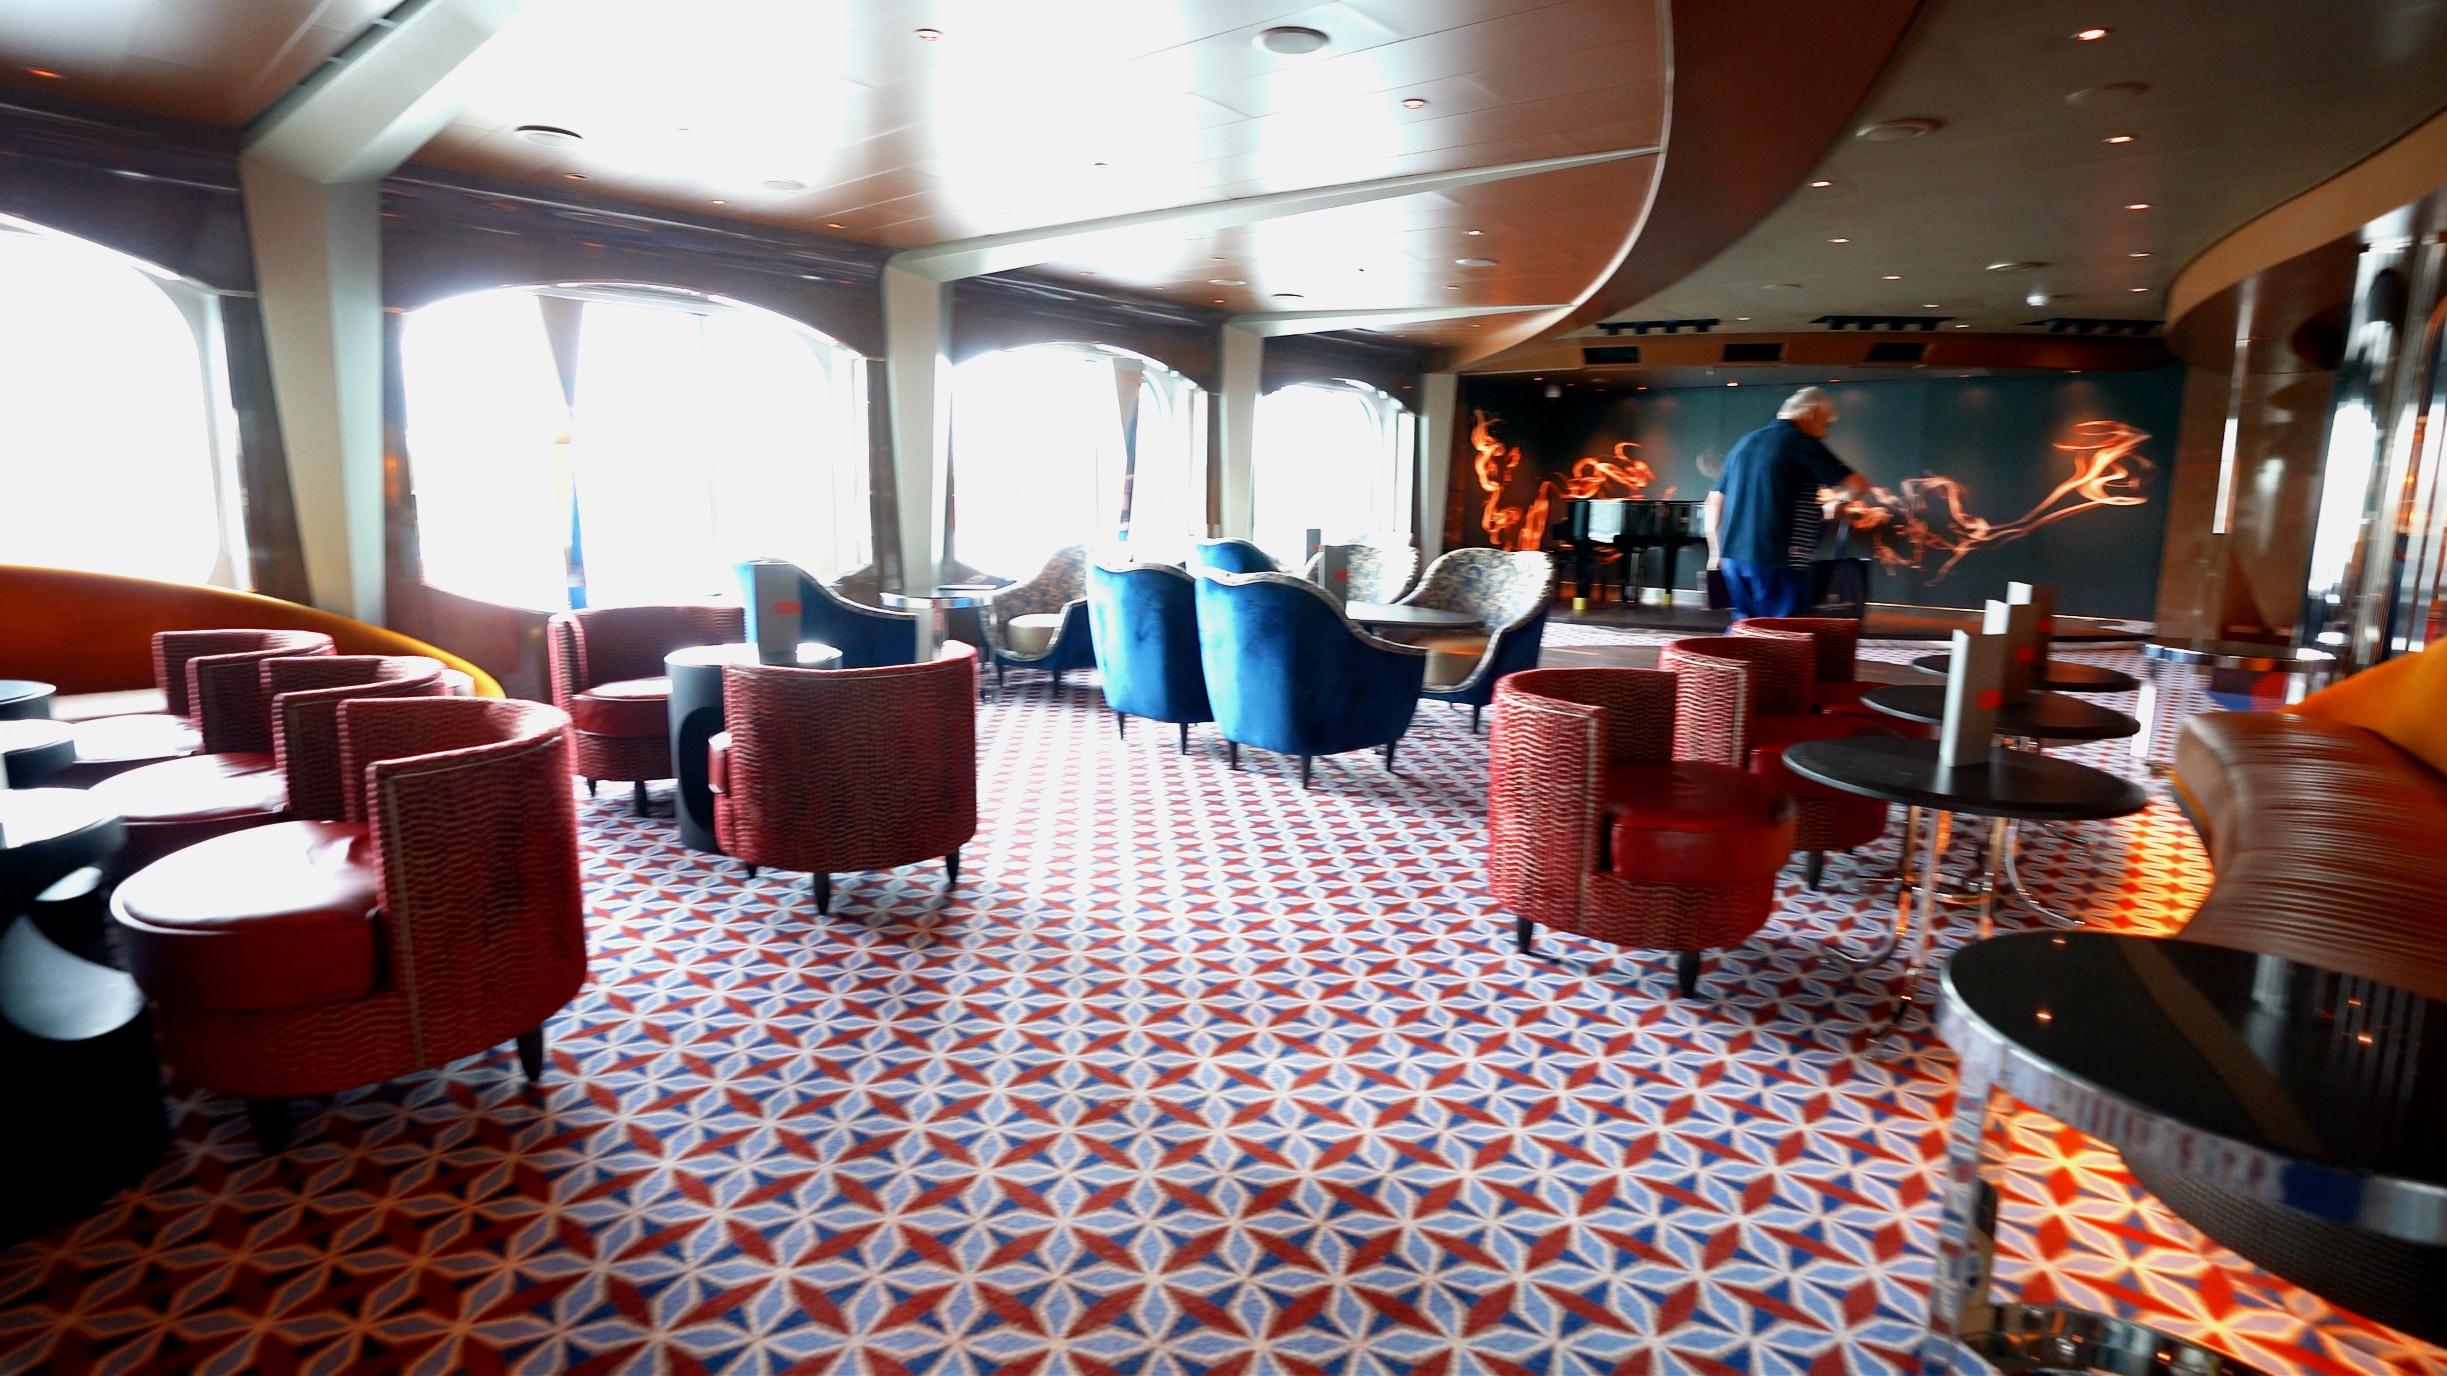 Ocean bar seating